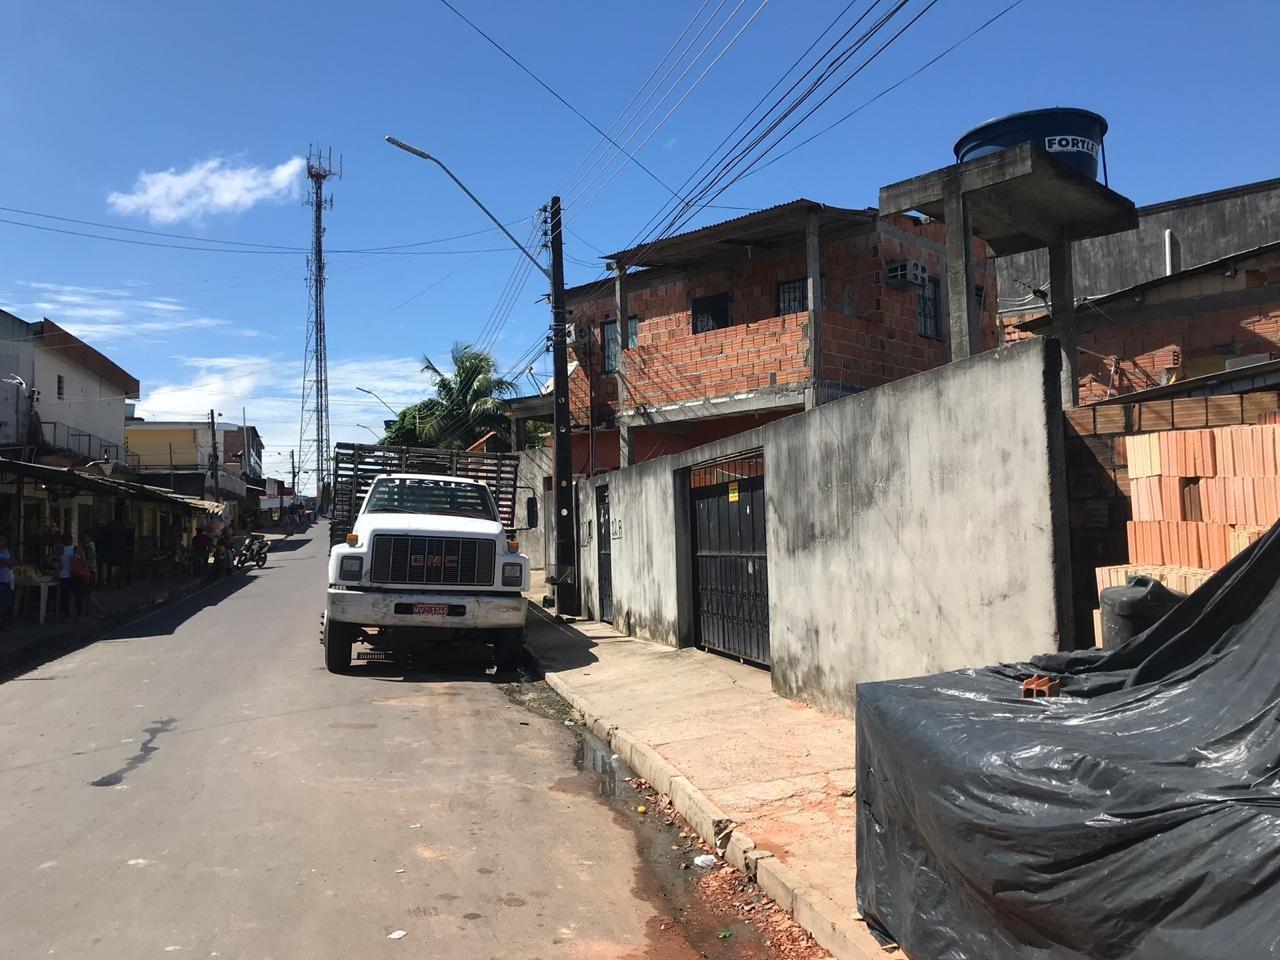 Adolescente é apreendido após invadir casa e fazer família refém, em Manaus